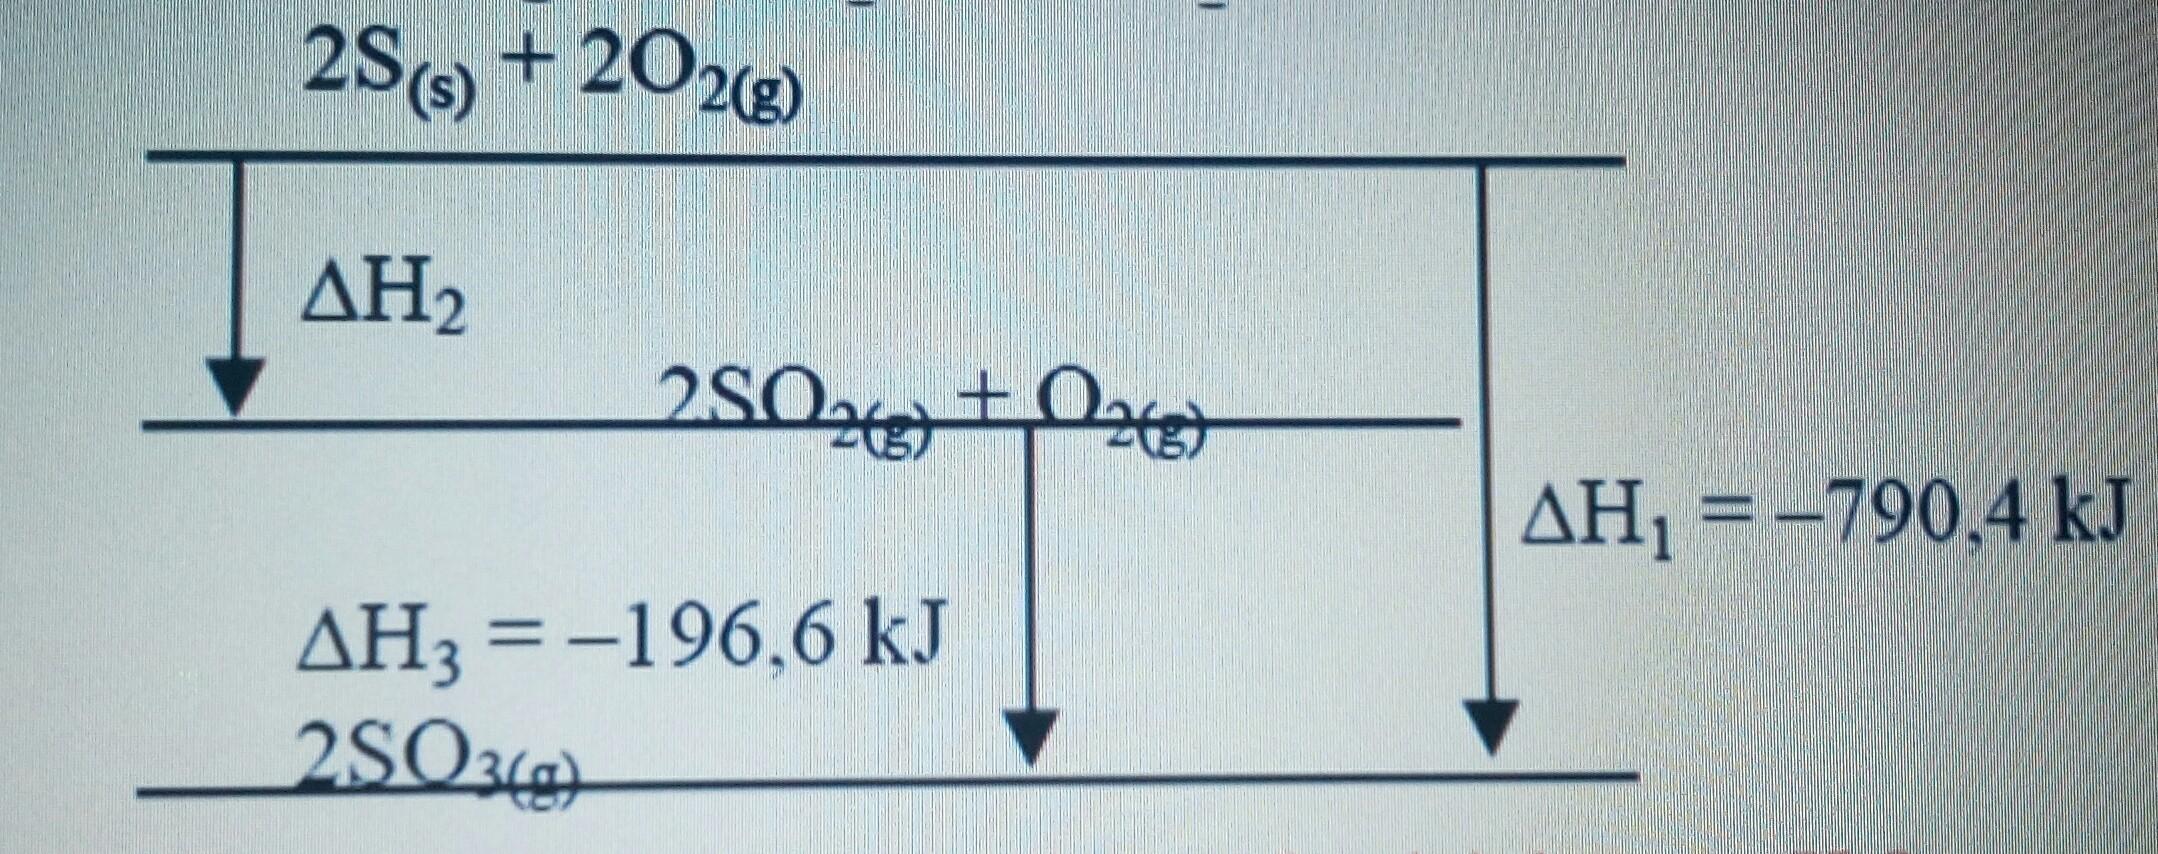 Perhatikan diagram tingkat energi berikut ini berdasarkan diagram unduh jpg ccuart Gallery